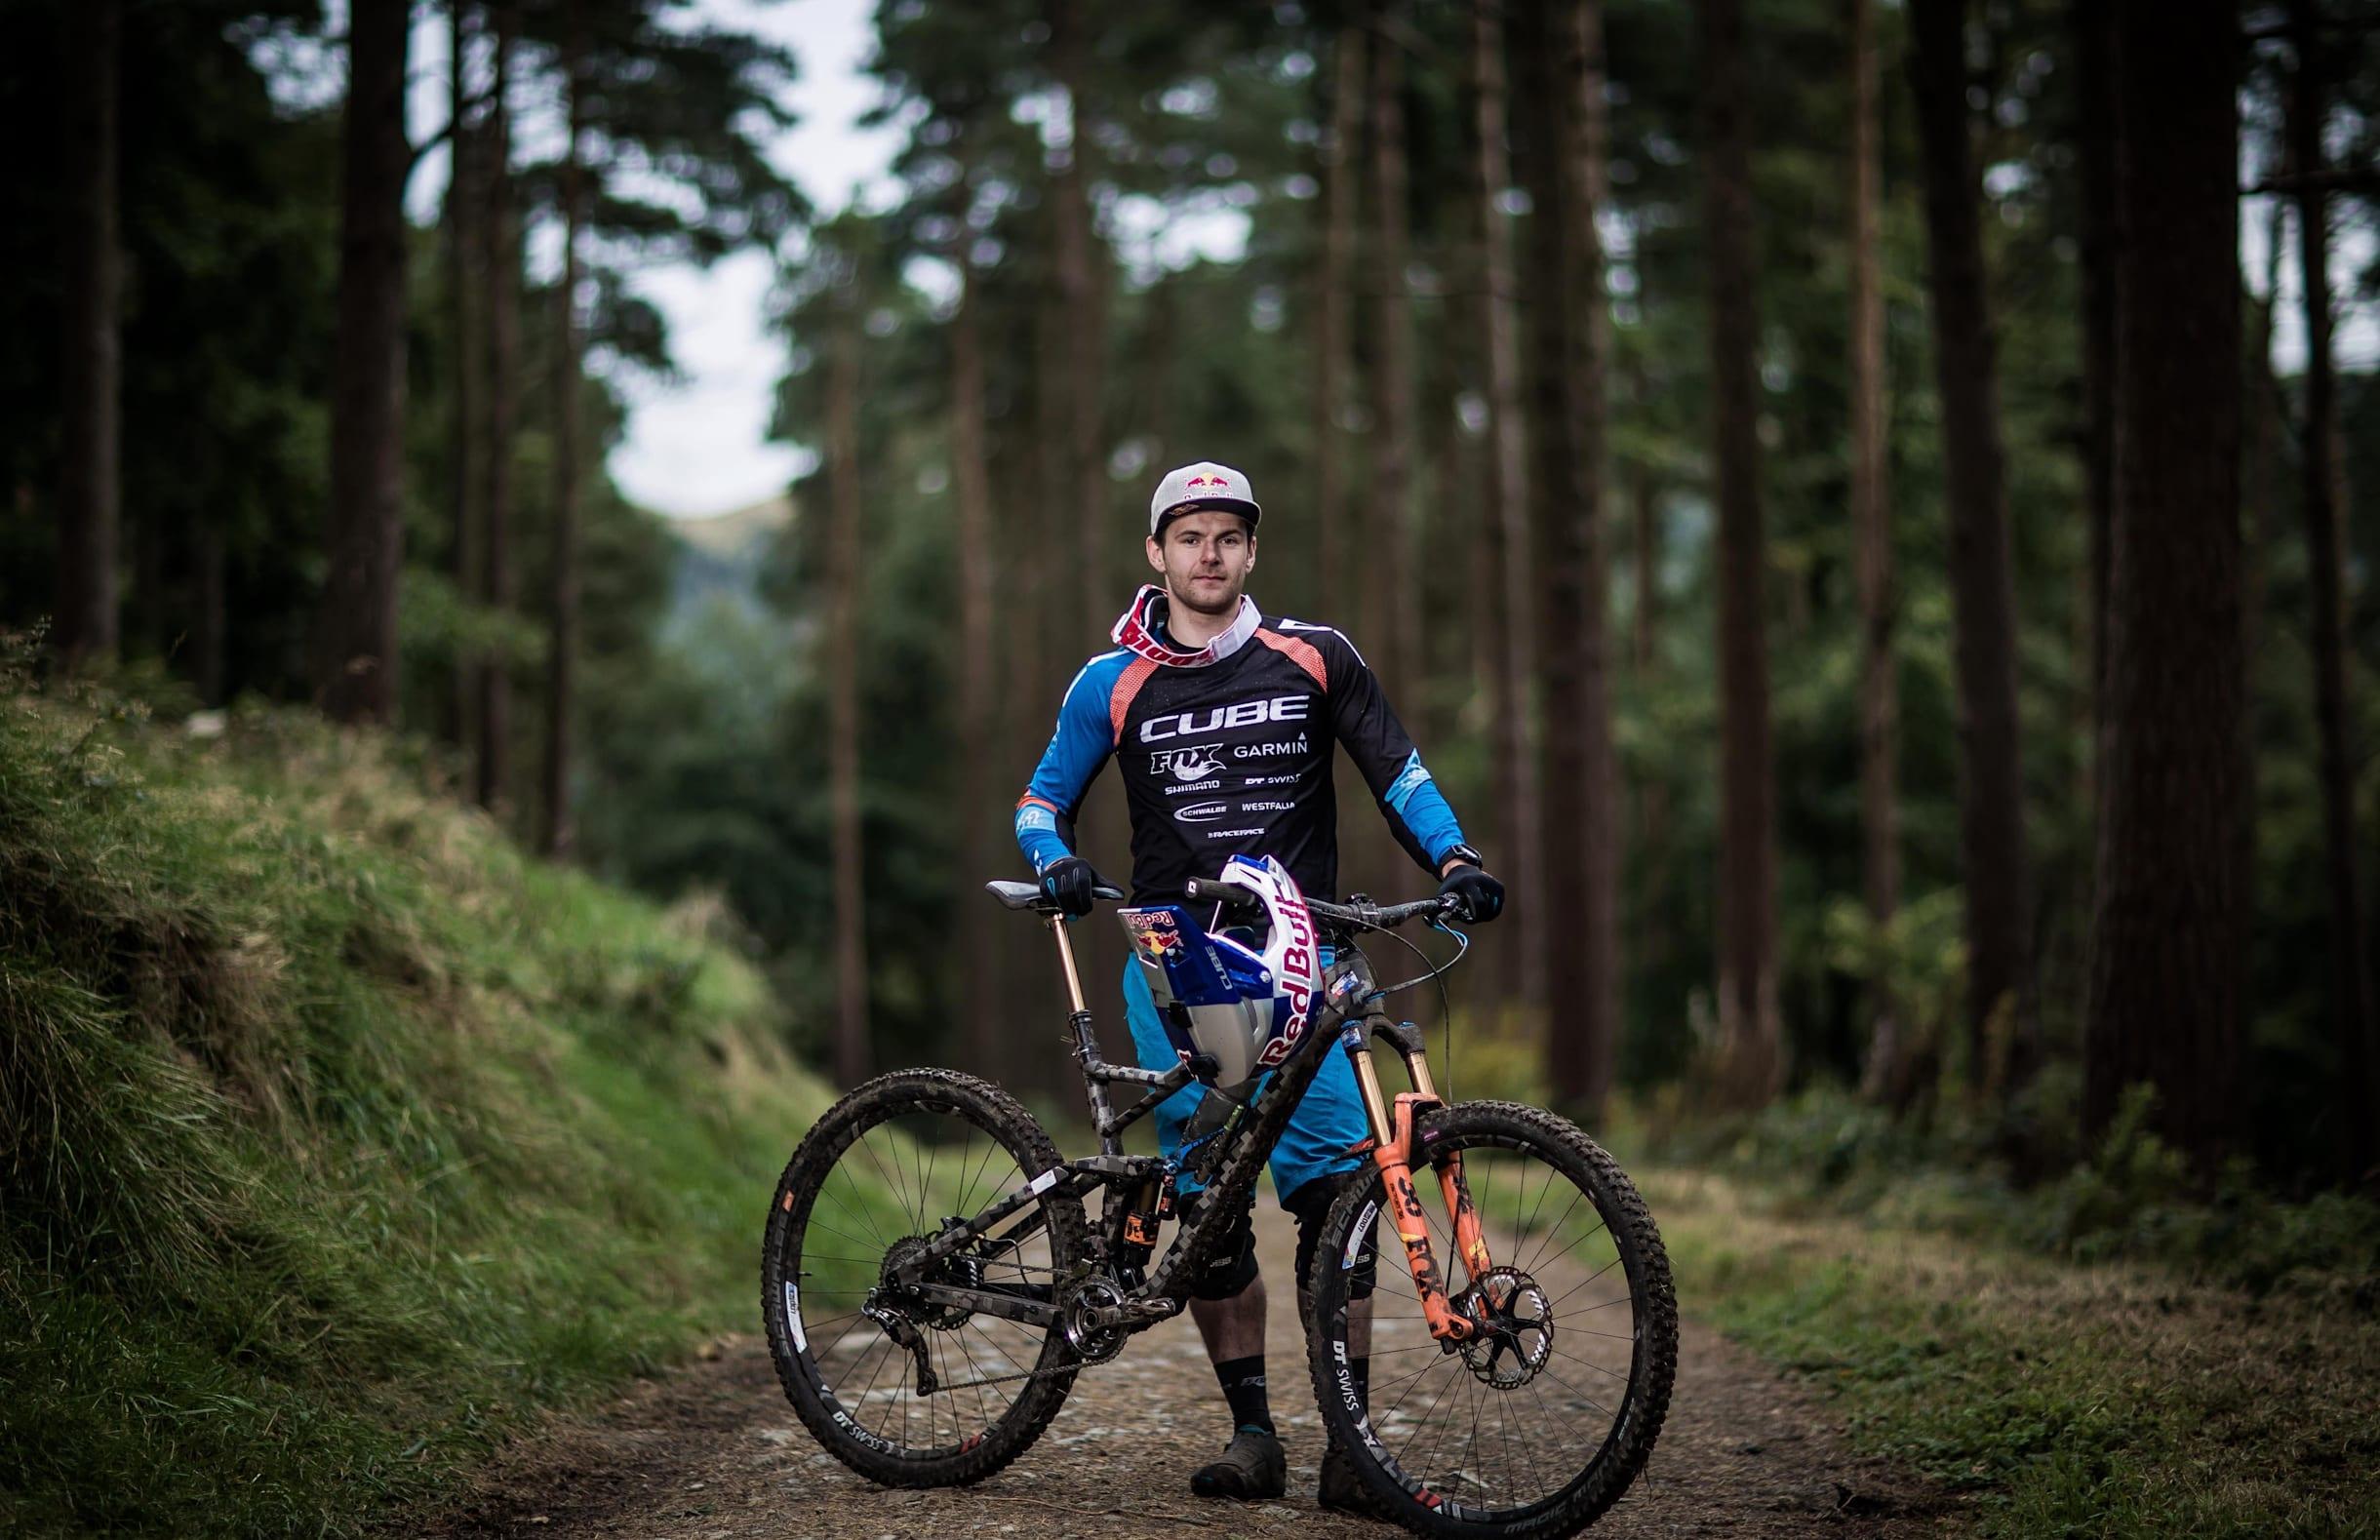 El rider irlandés Greg Gallaghan posa junto a su bici de enduro.